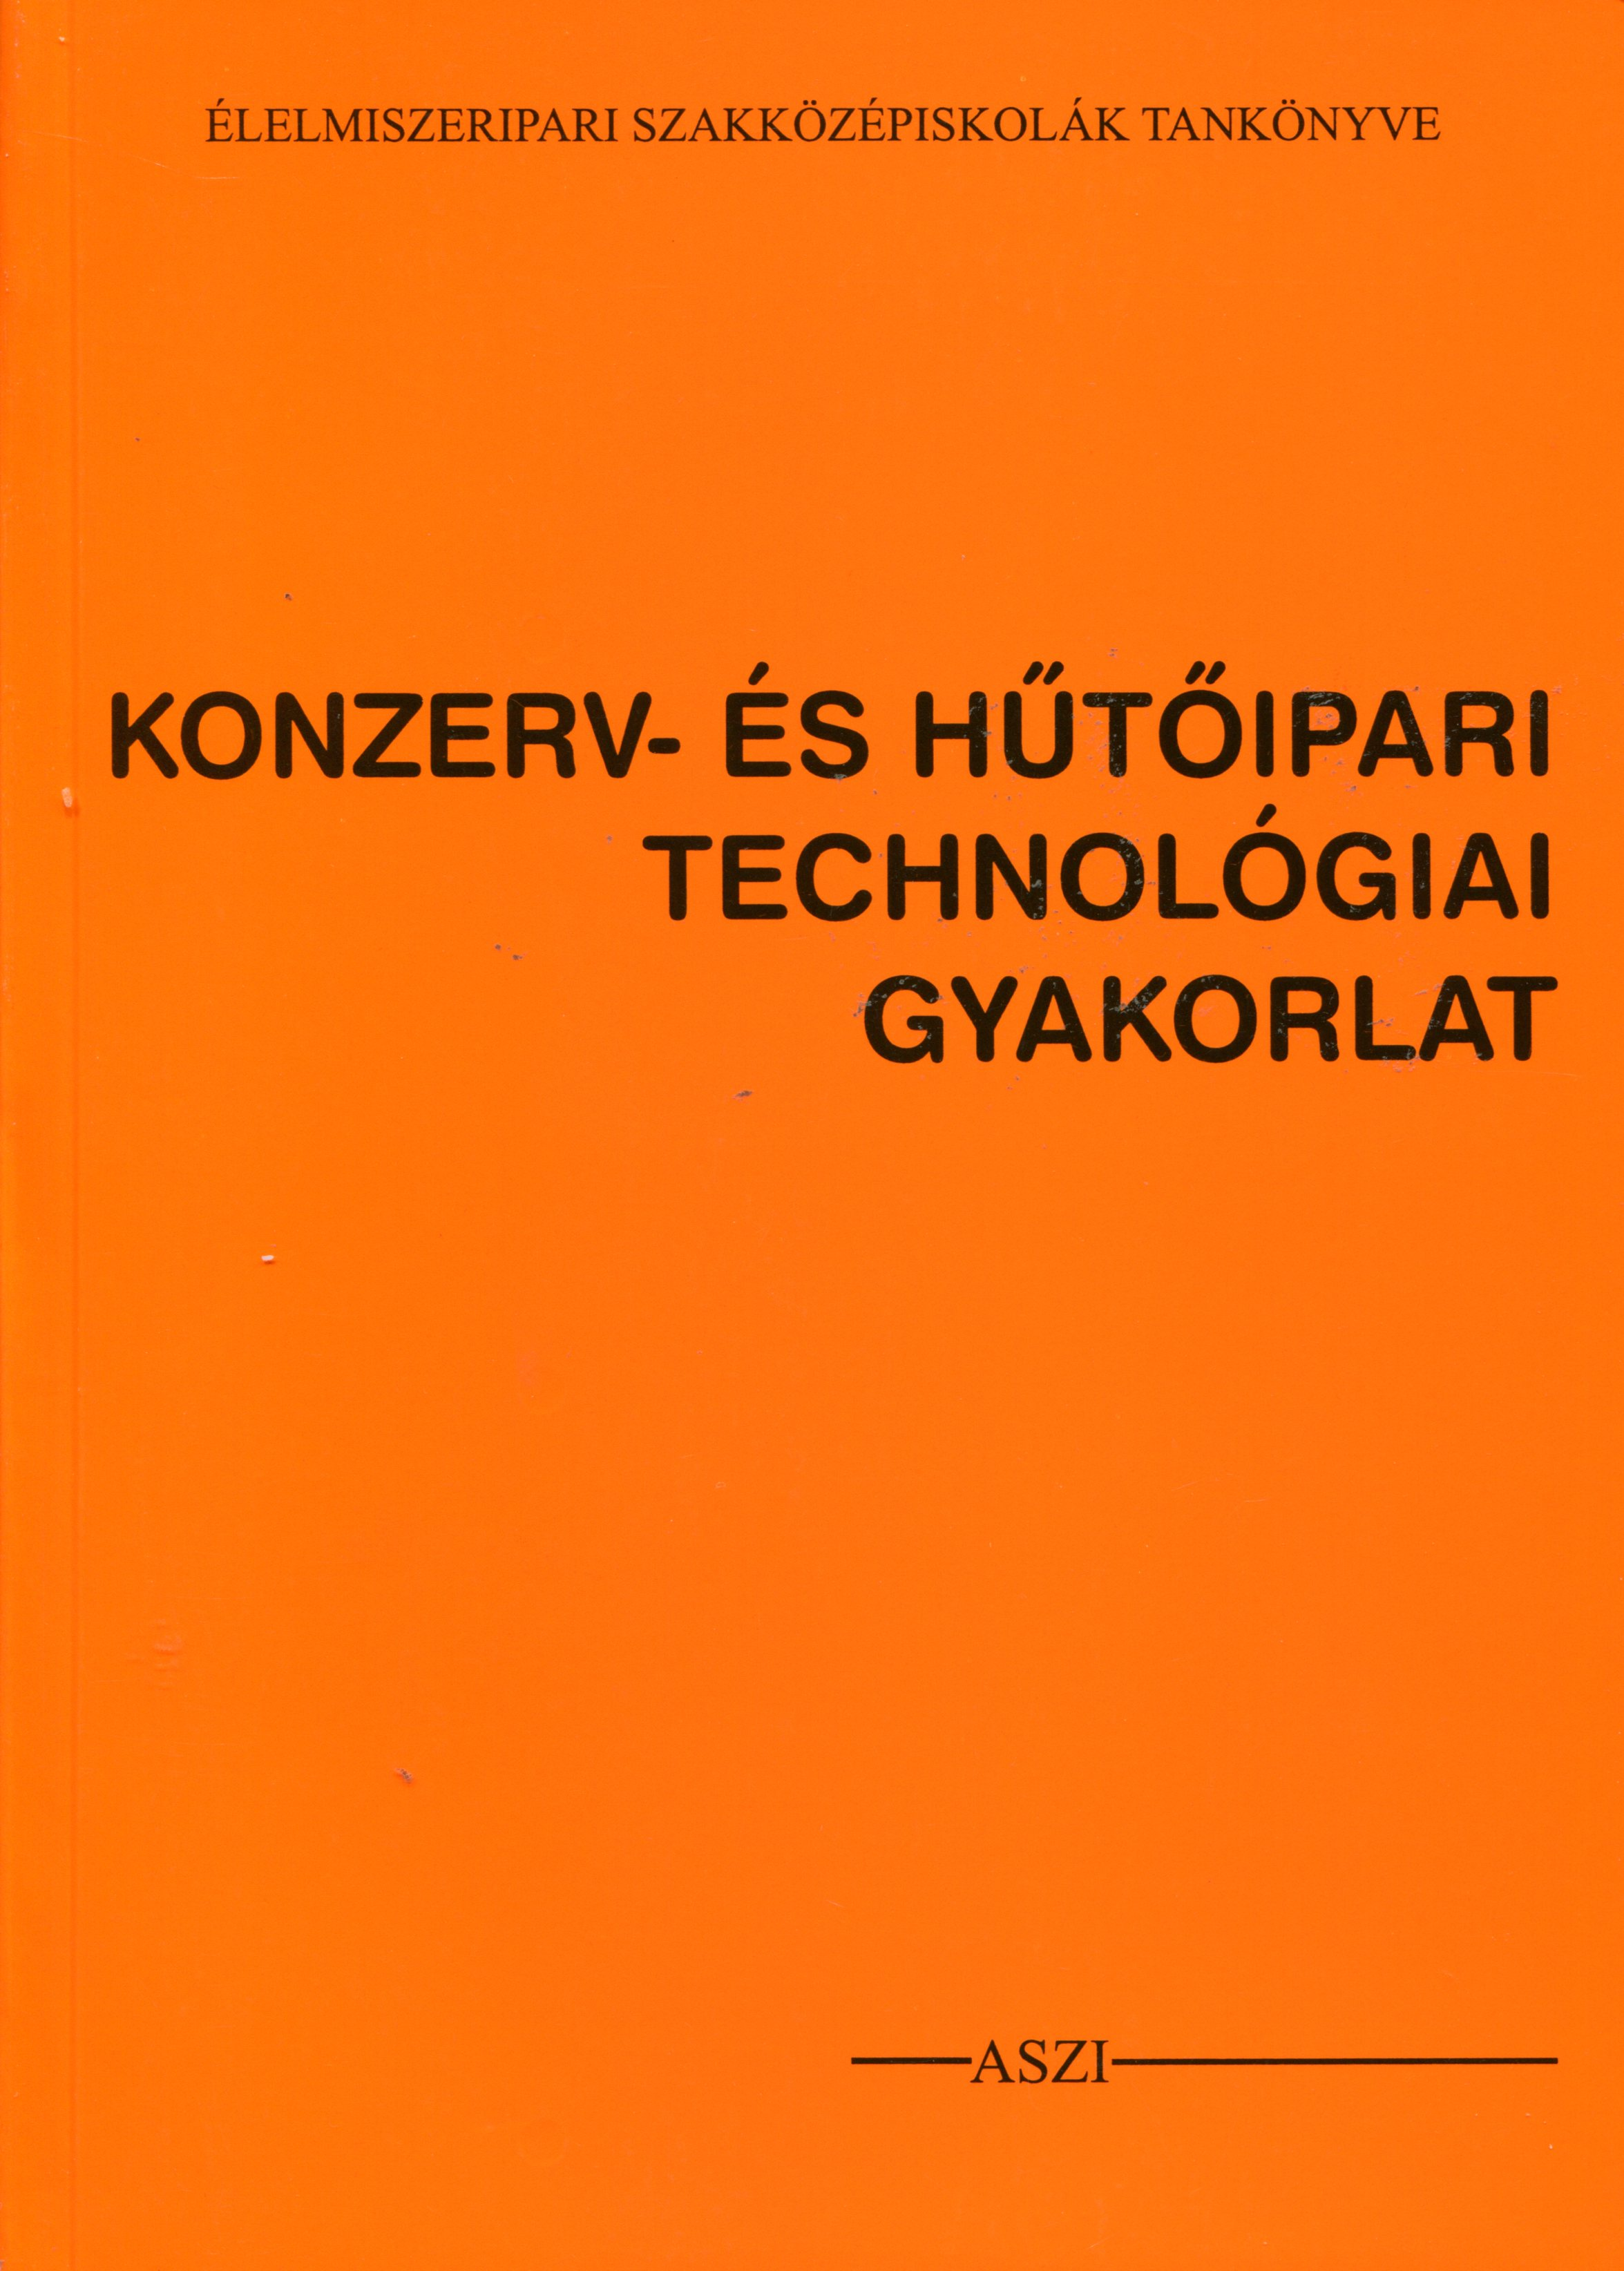 Konzerv- és hűtőipari technológiai gyakorlat